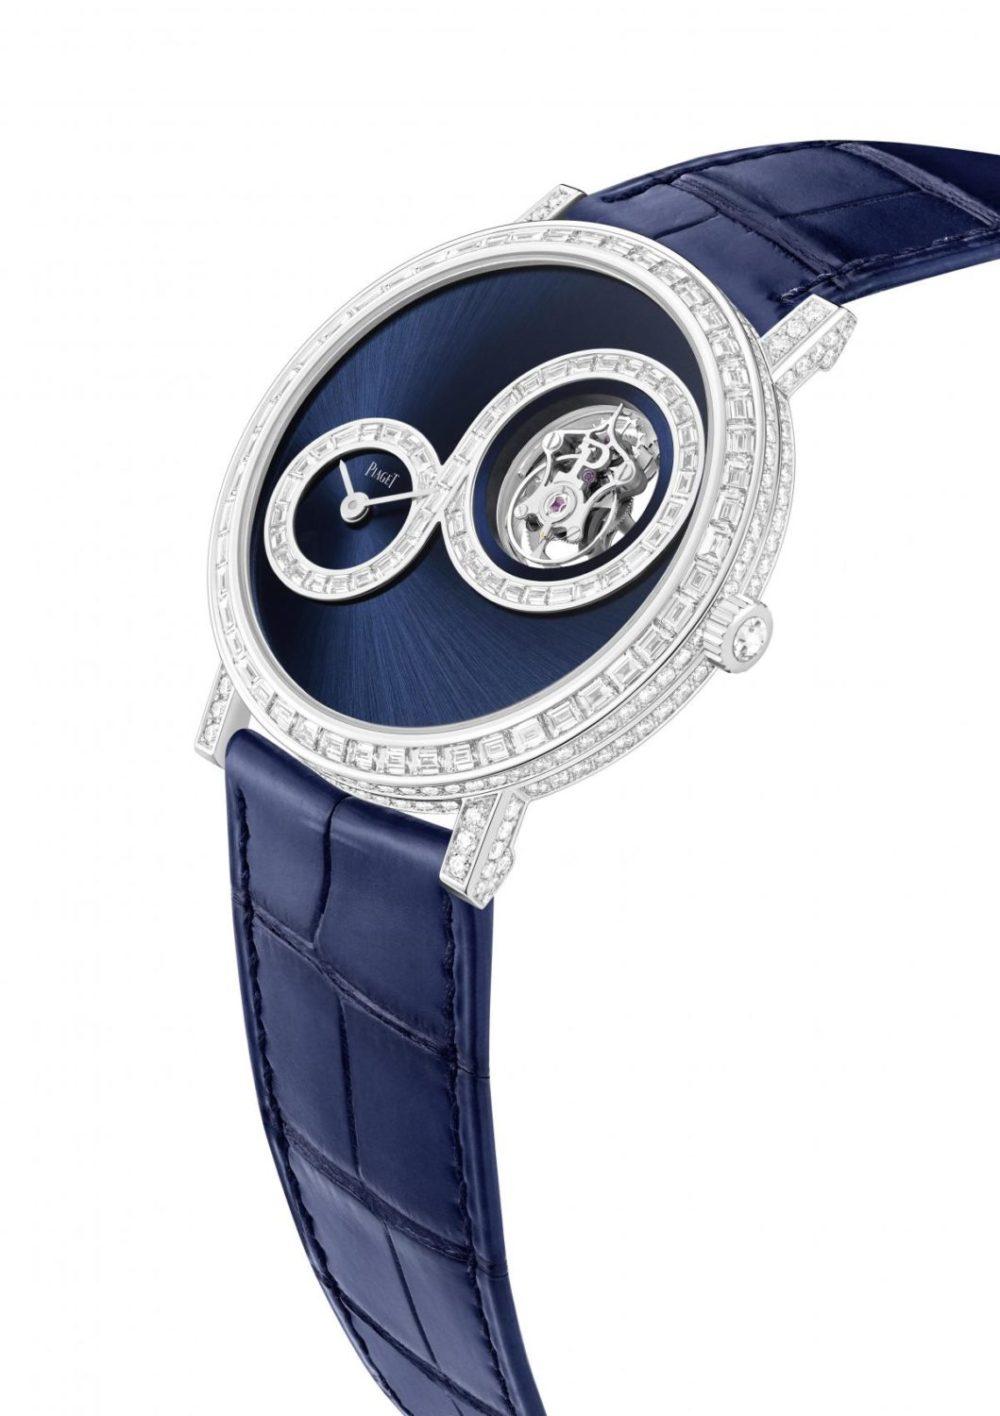 Piaget's Altiplano Tourbillon Infinite Blue epitomizes daring creativity